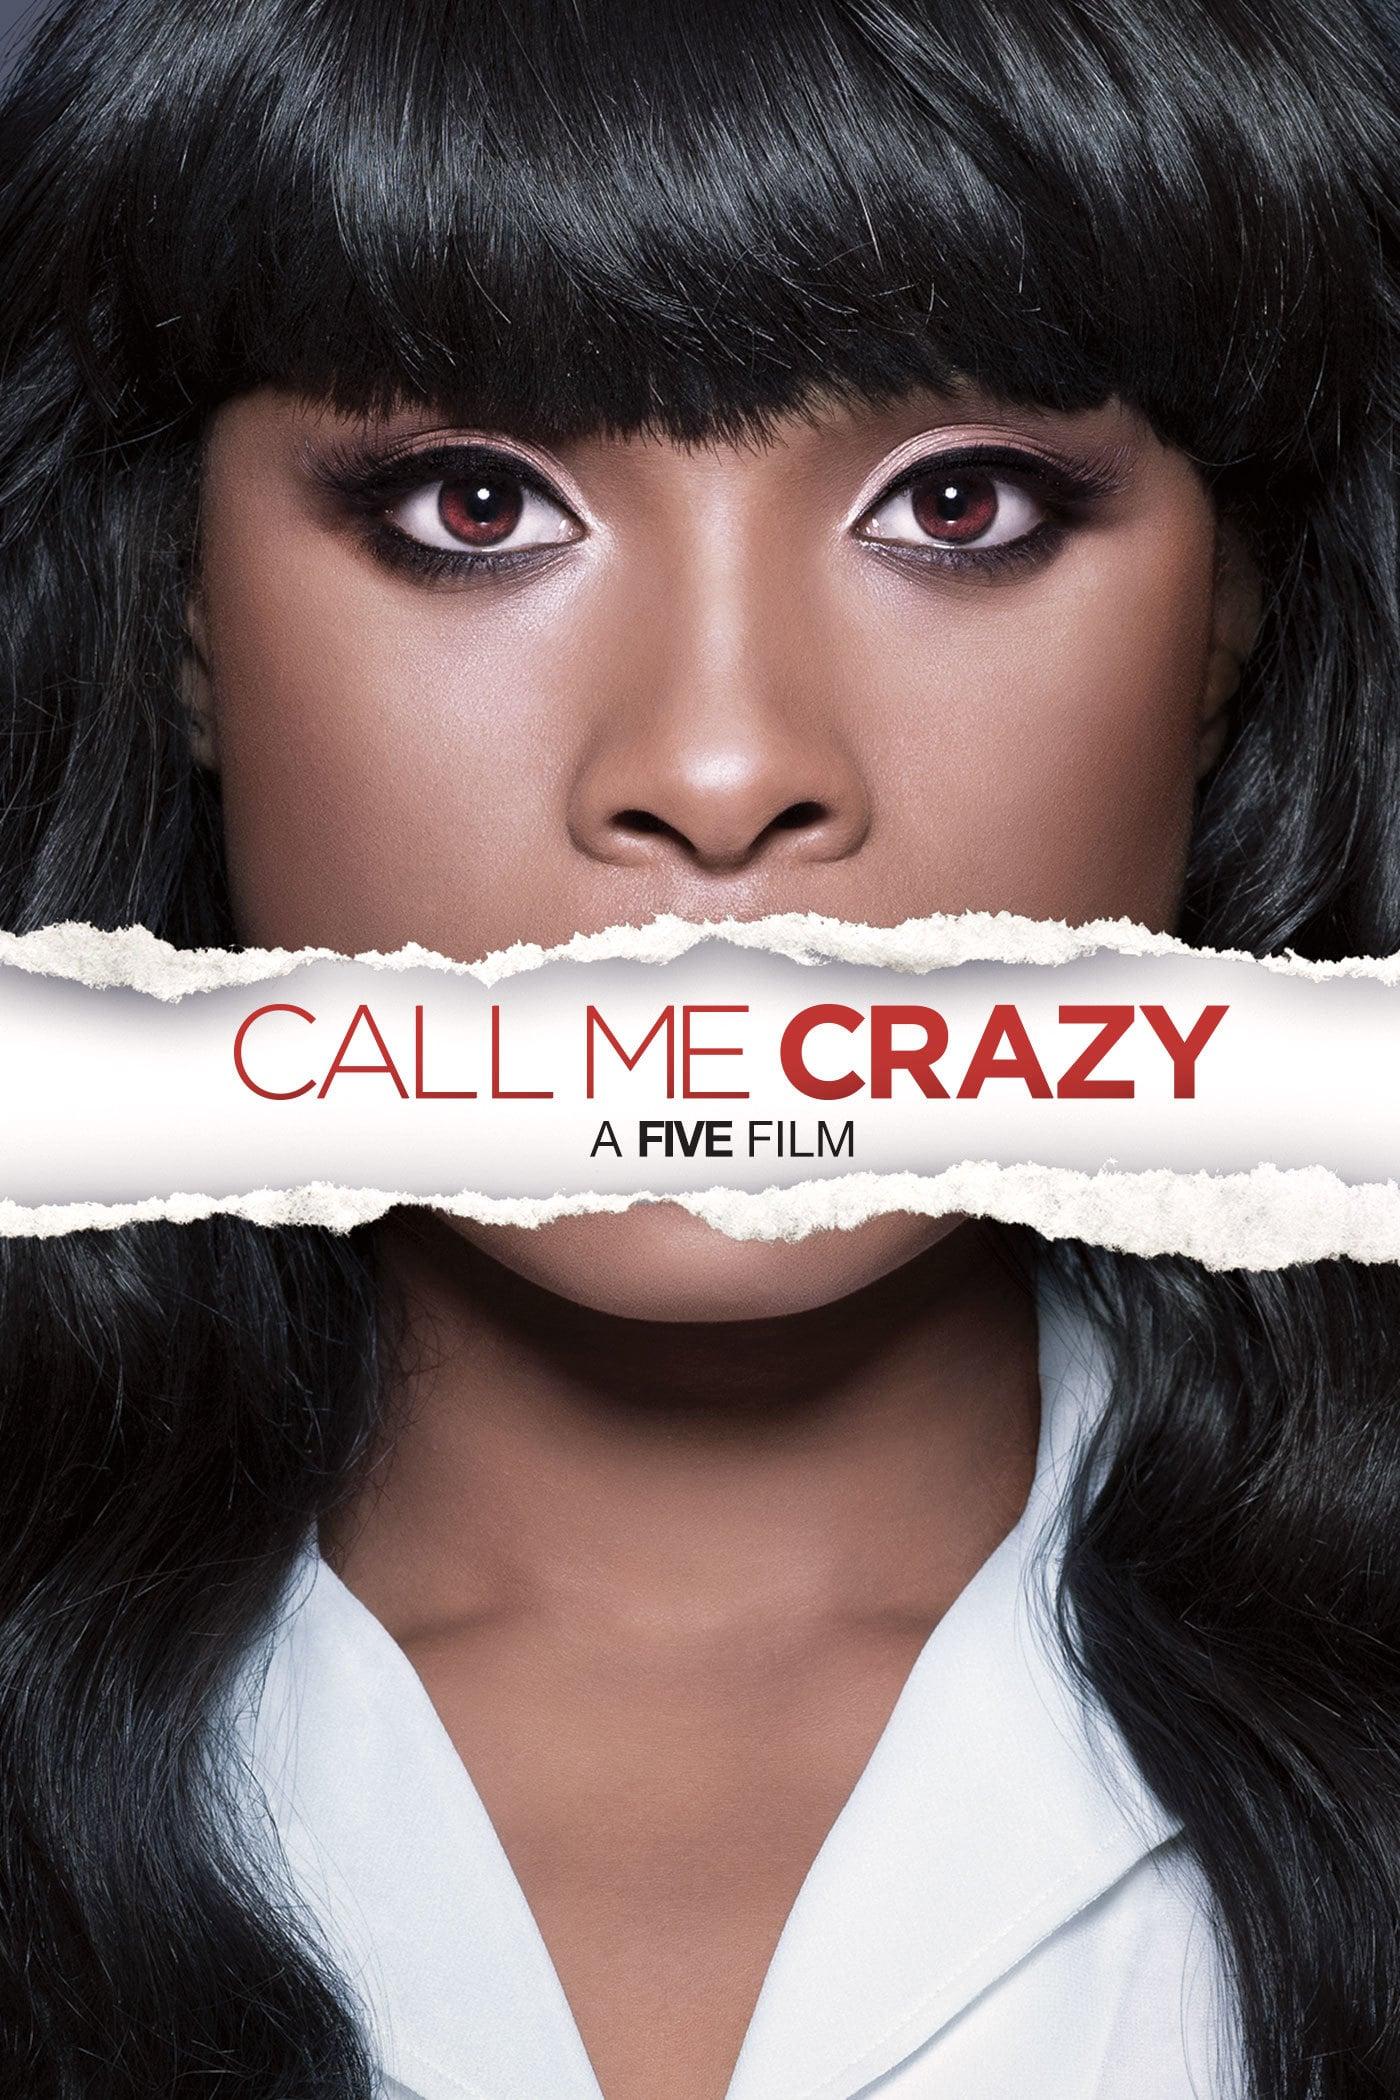 Call Me Crazy: A Five Film kapak